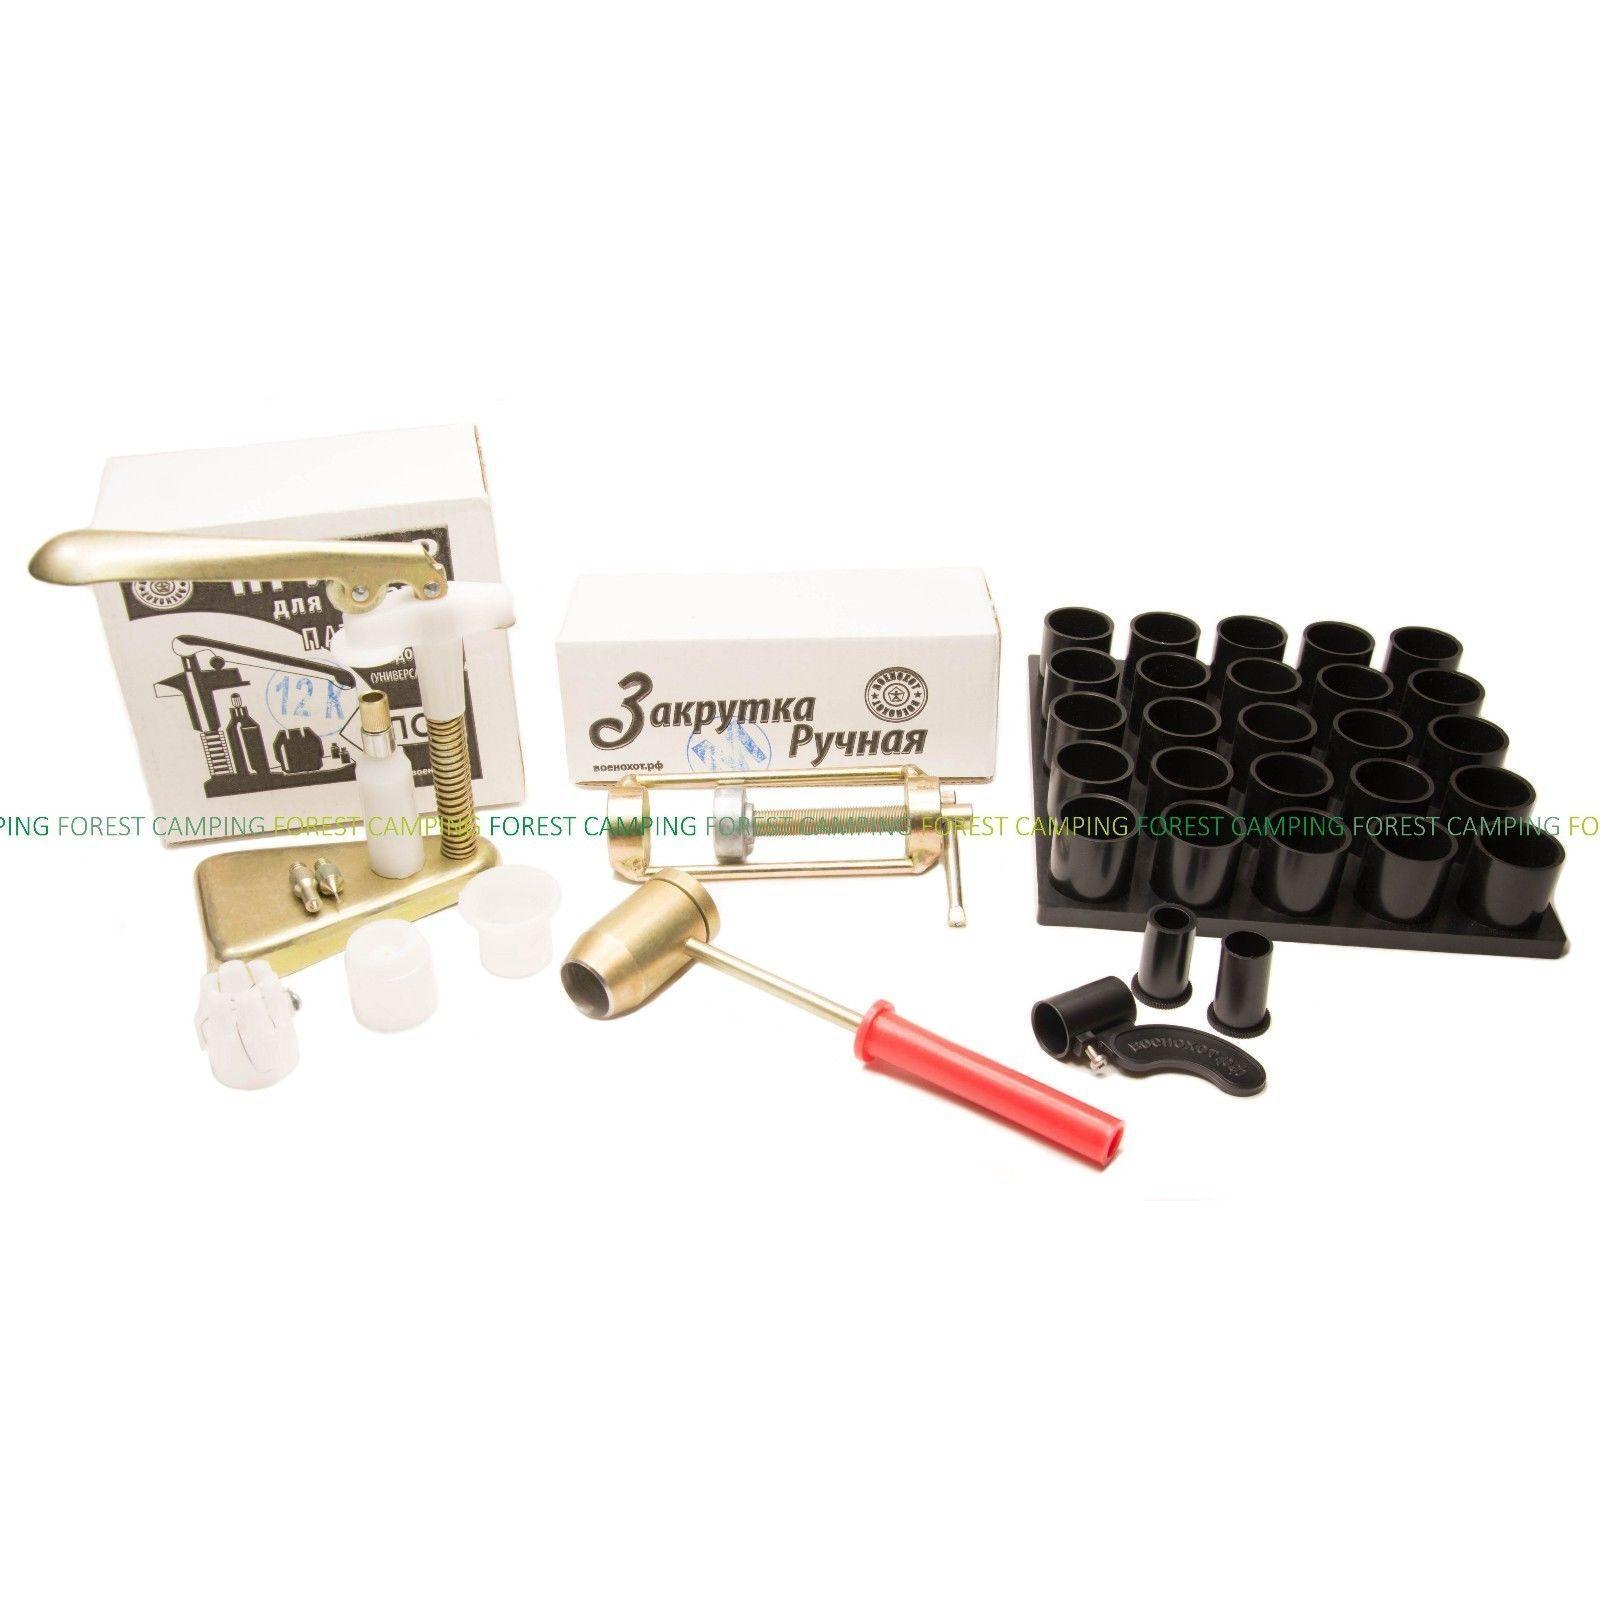 Presse-Kit für Shotshell Umladen Umladen Umladen von 5 Artikel 12 GA n5e12 d99aa7